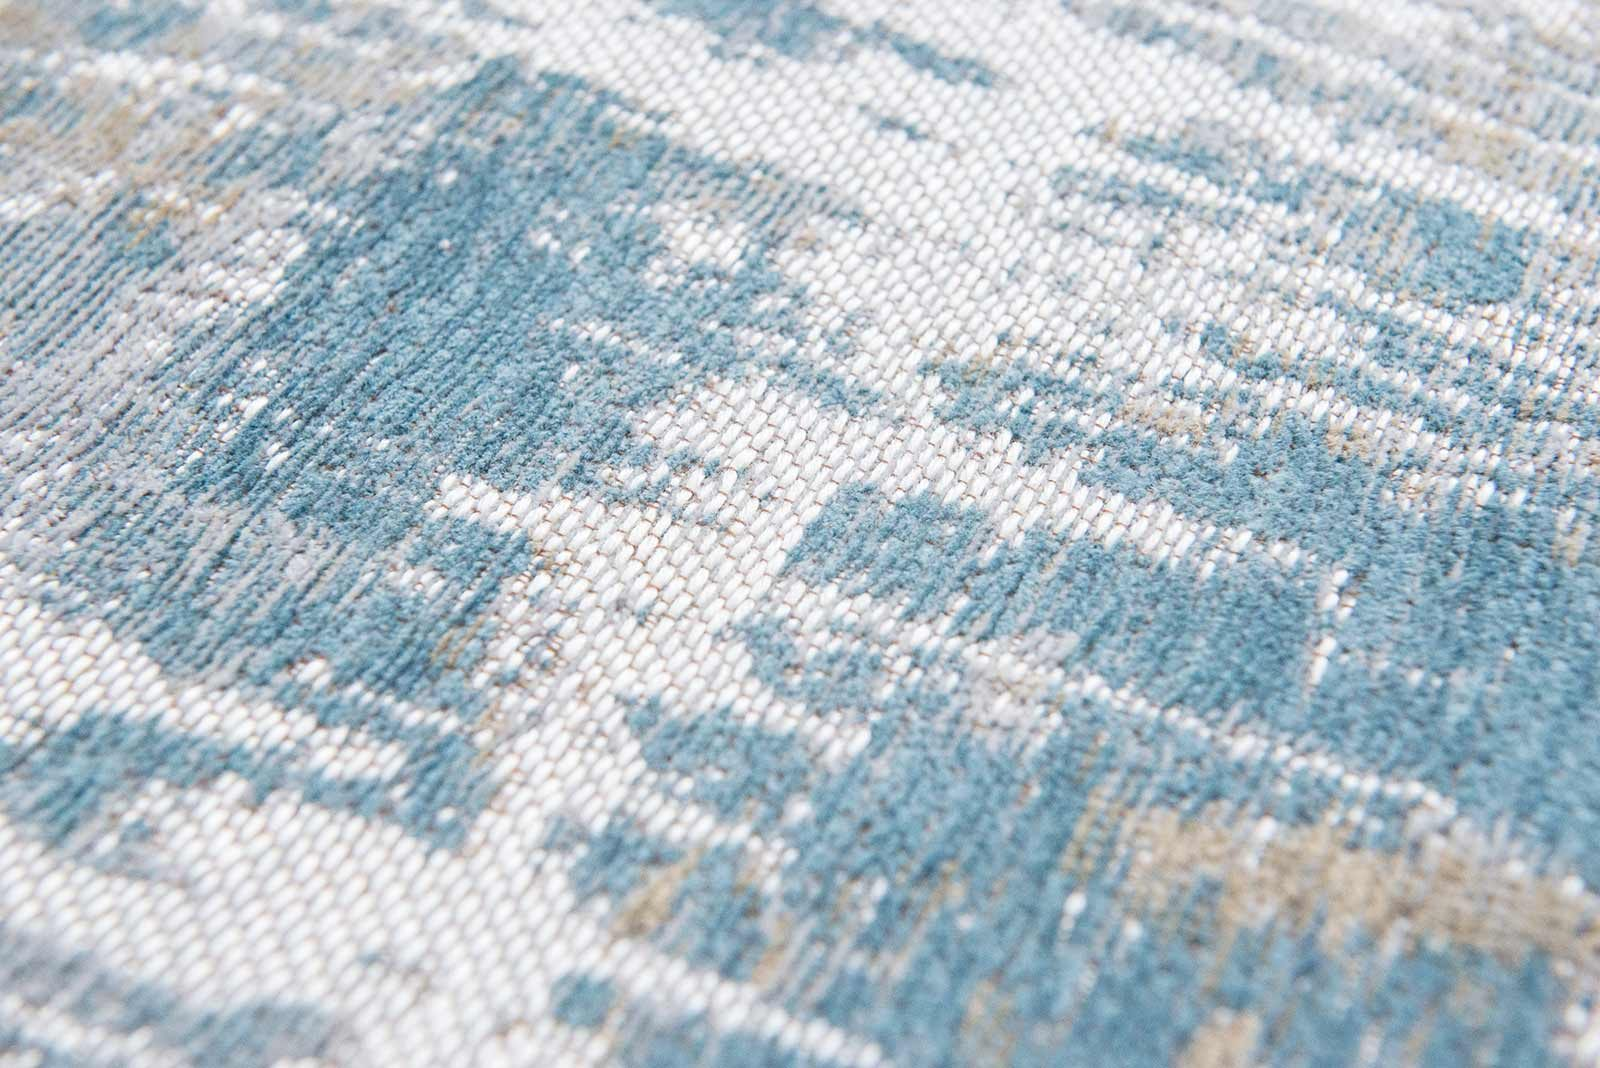 rugs Louis De Poortere LX8718 Atlantic Streaks Long Island zoom